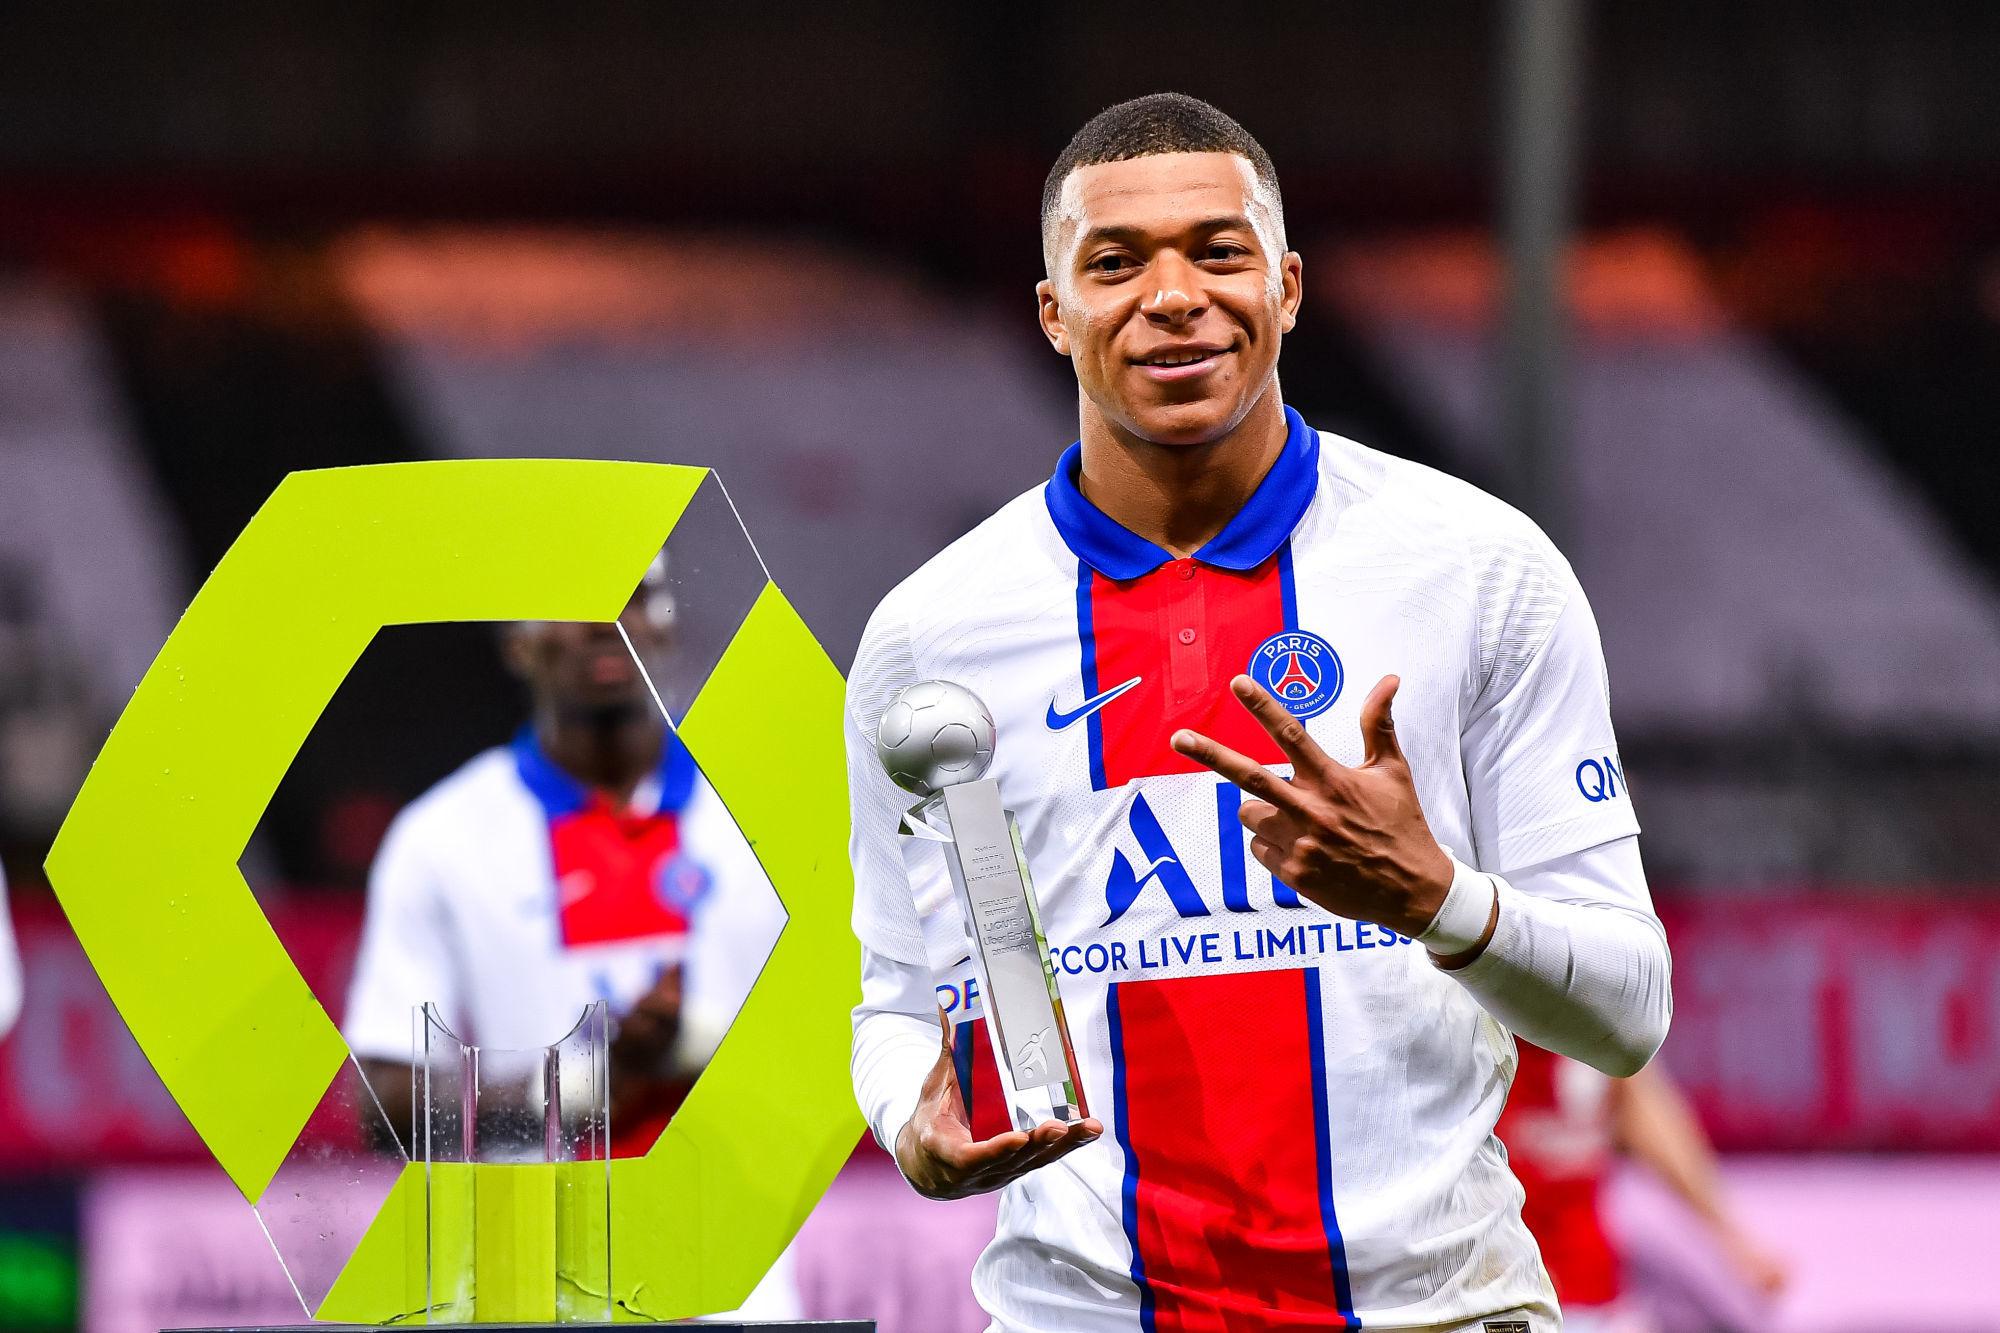 """Mercato - Mbappé attend toujours des """"garanties sur le recrutement"""", indique L'Equipe"""